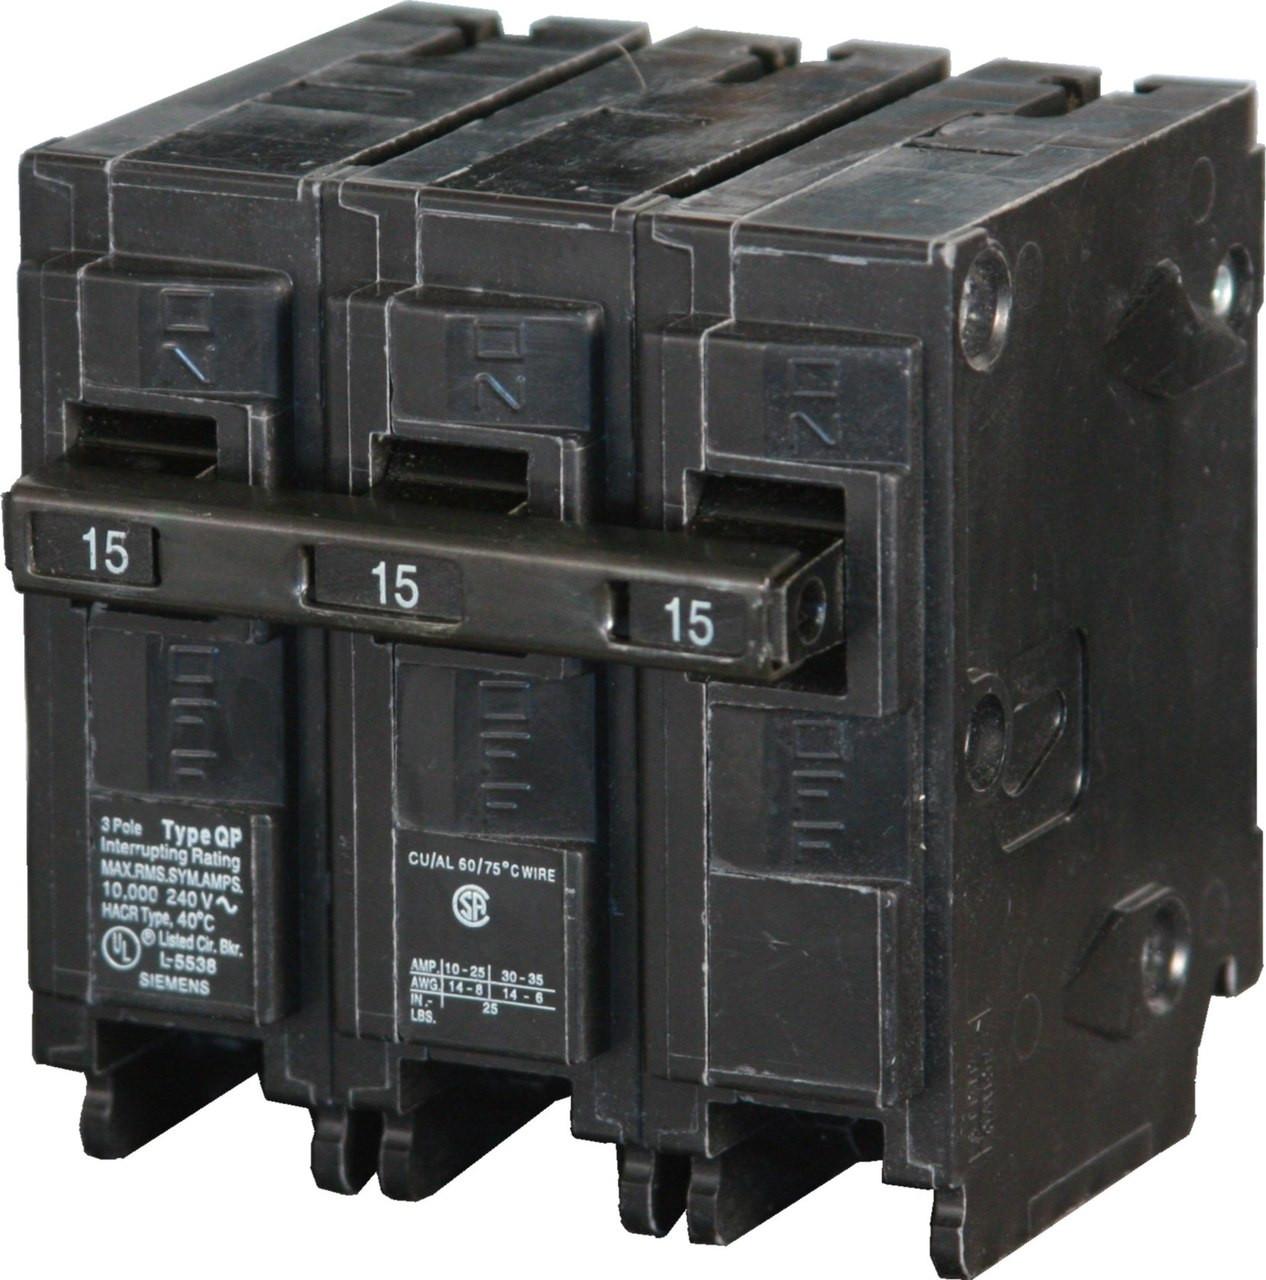 Q320 Siemens Lighting Plug in Circuit Breaker